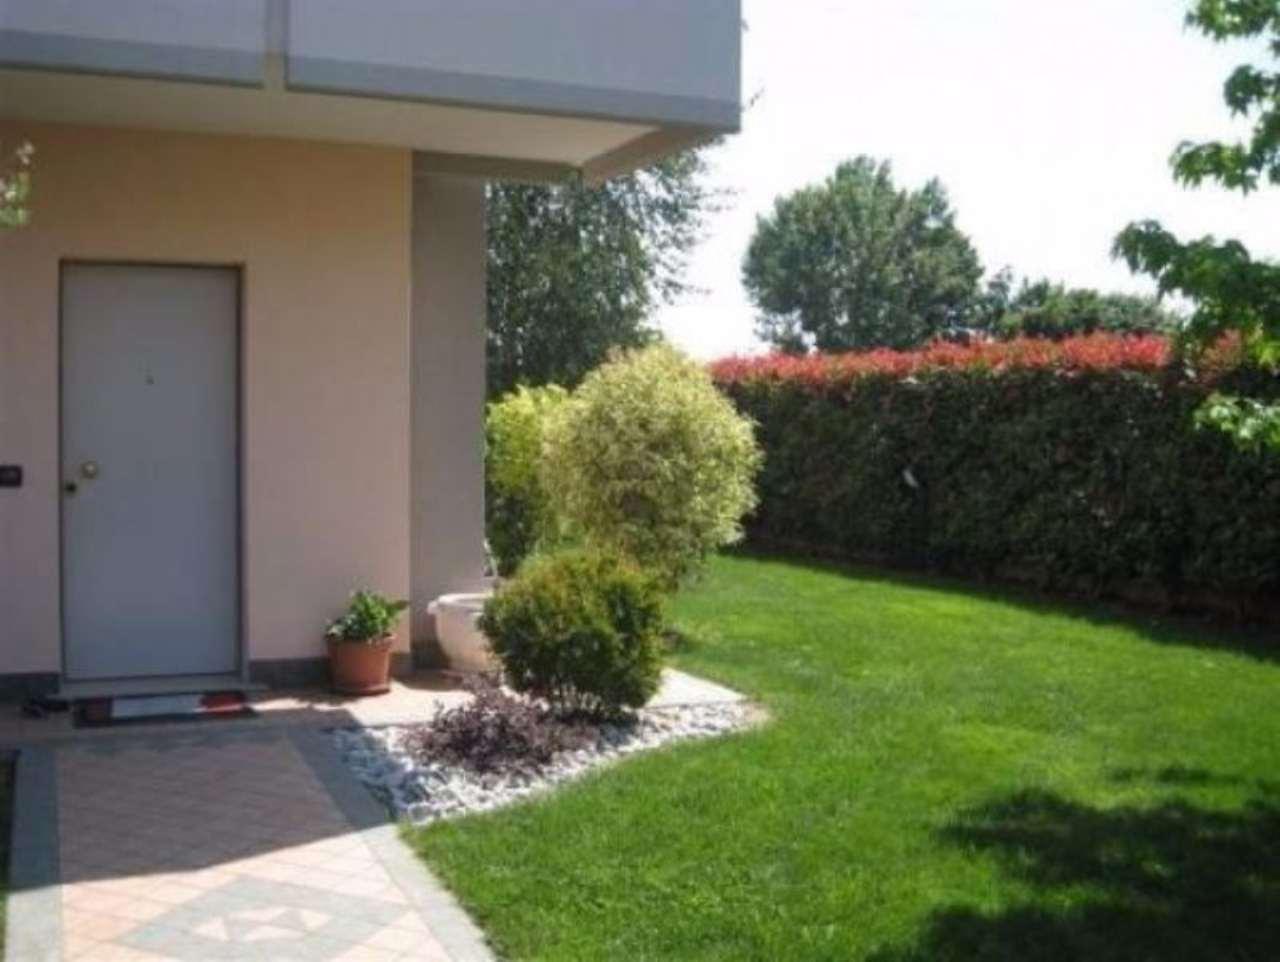 Villa in vendita a Castelfranco Veneto, 6 locali, prezzo € 230.000 | CambioCasa.it